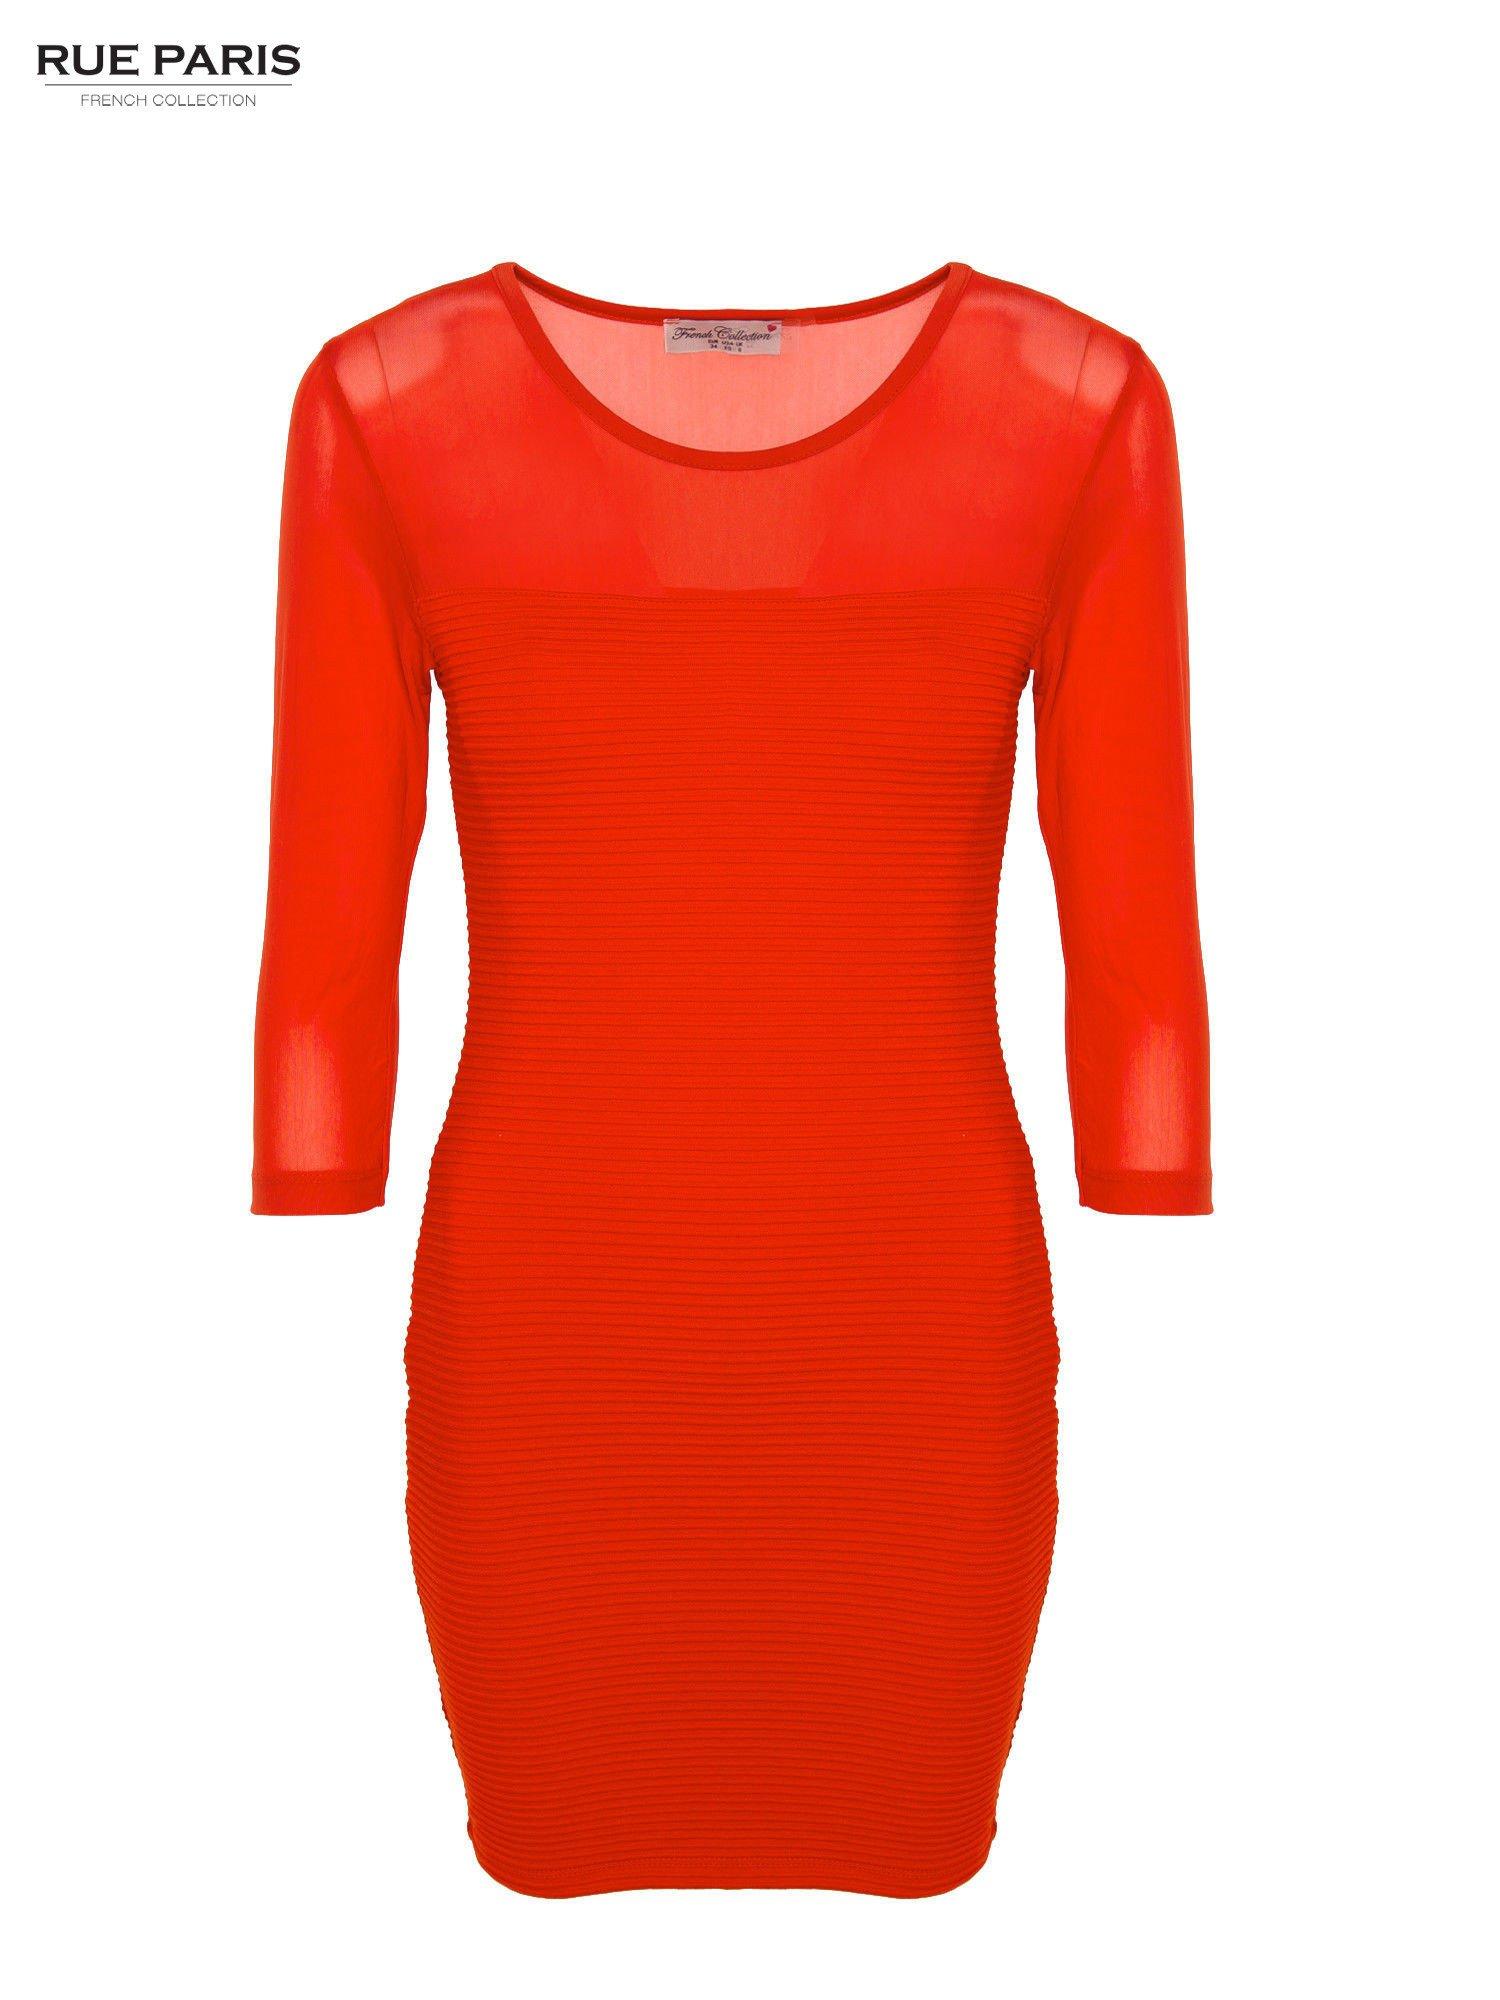 Czerwona dopasowana sukienka pokryta na górze siateczką                                  zdj.                                  1